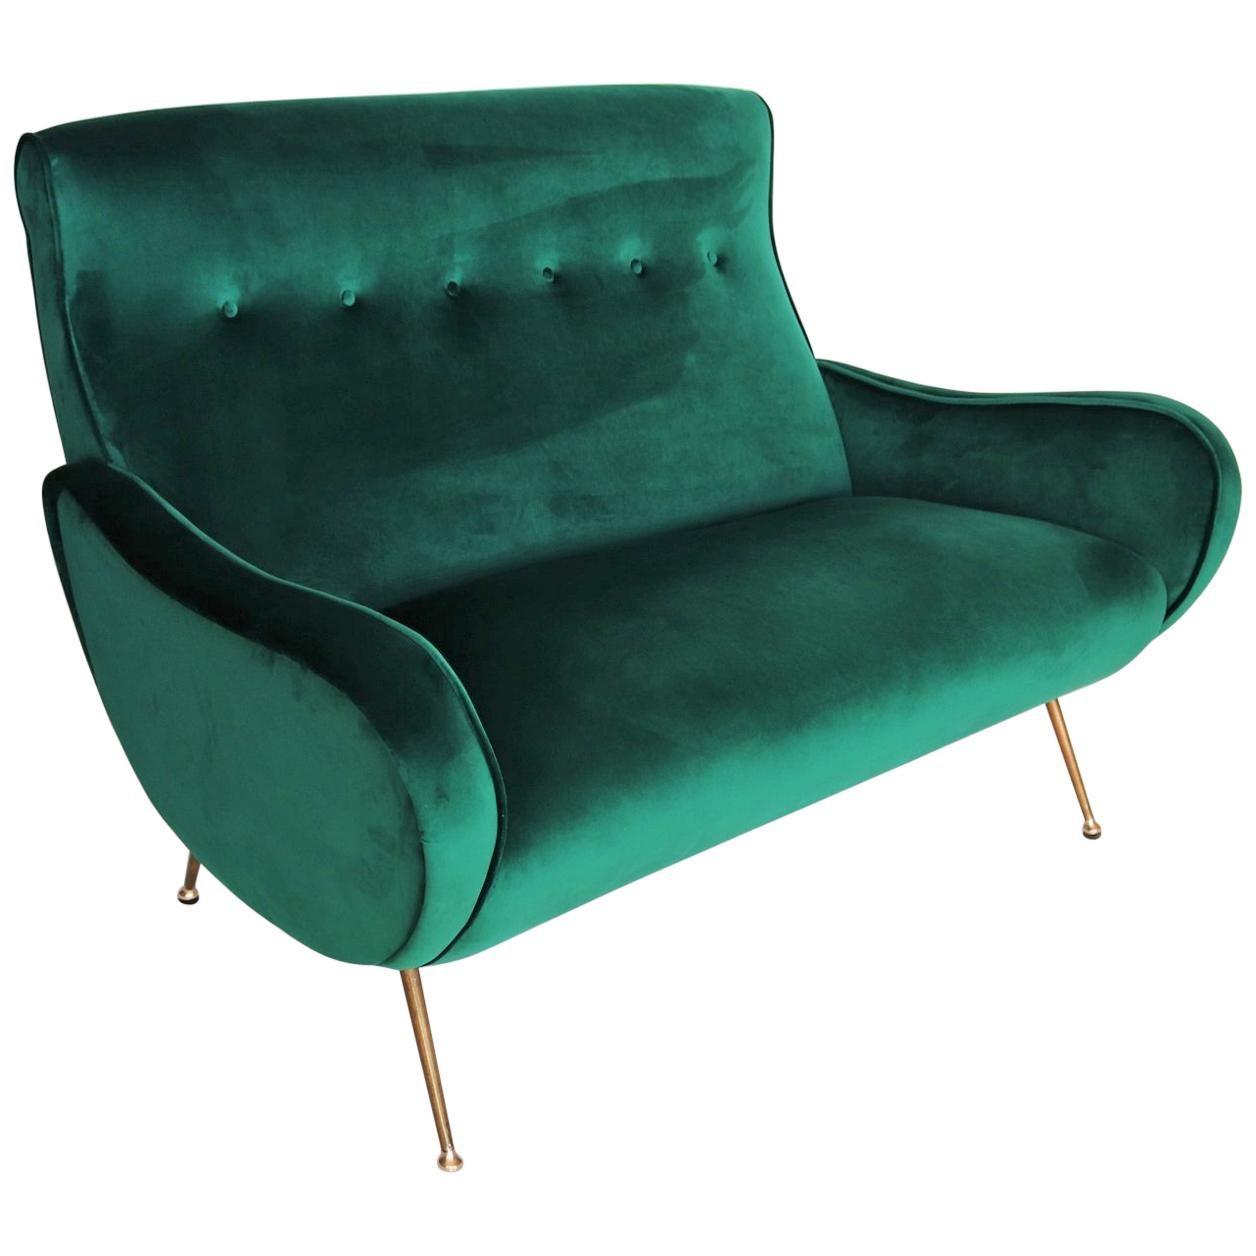 Italian Midcentury Sofa or Settee in Green Velvet and Brass Tipps, 1950s